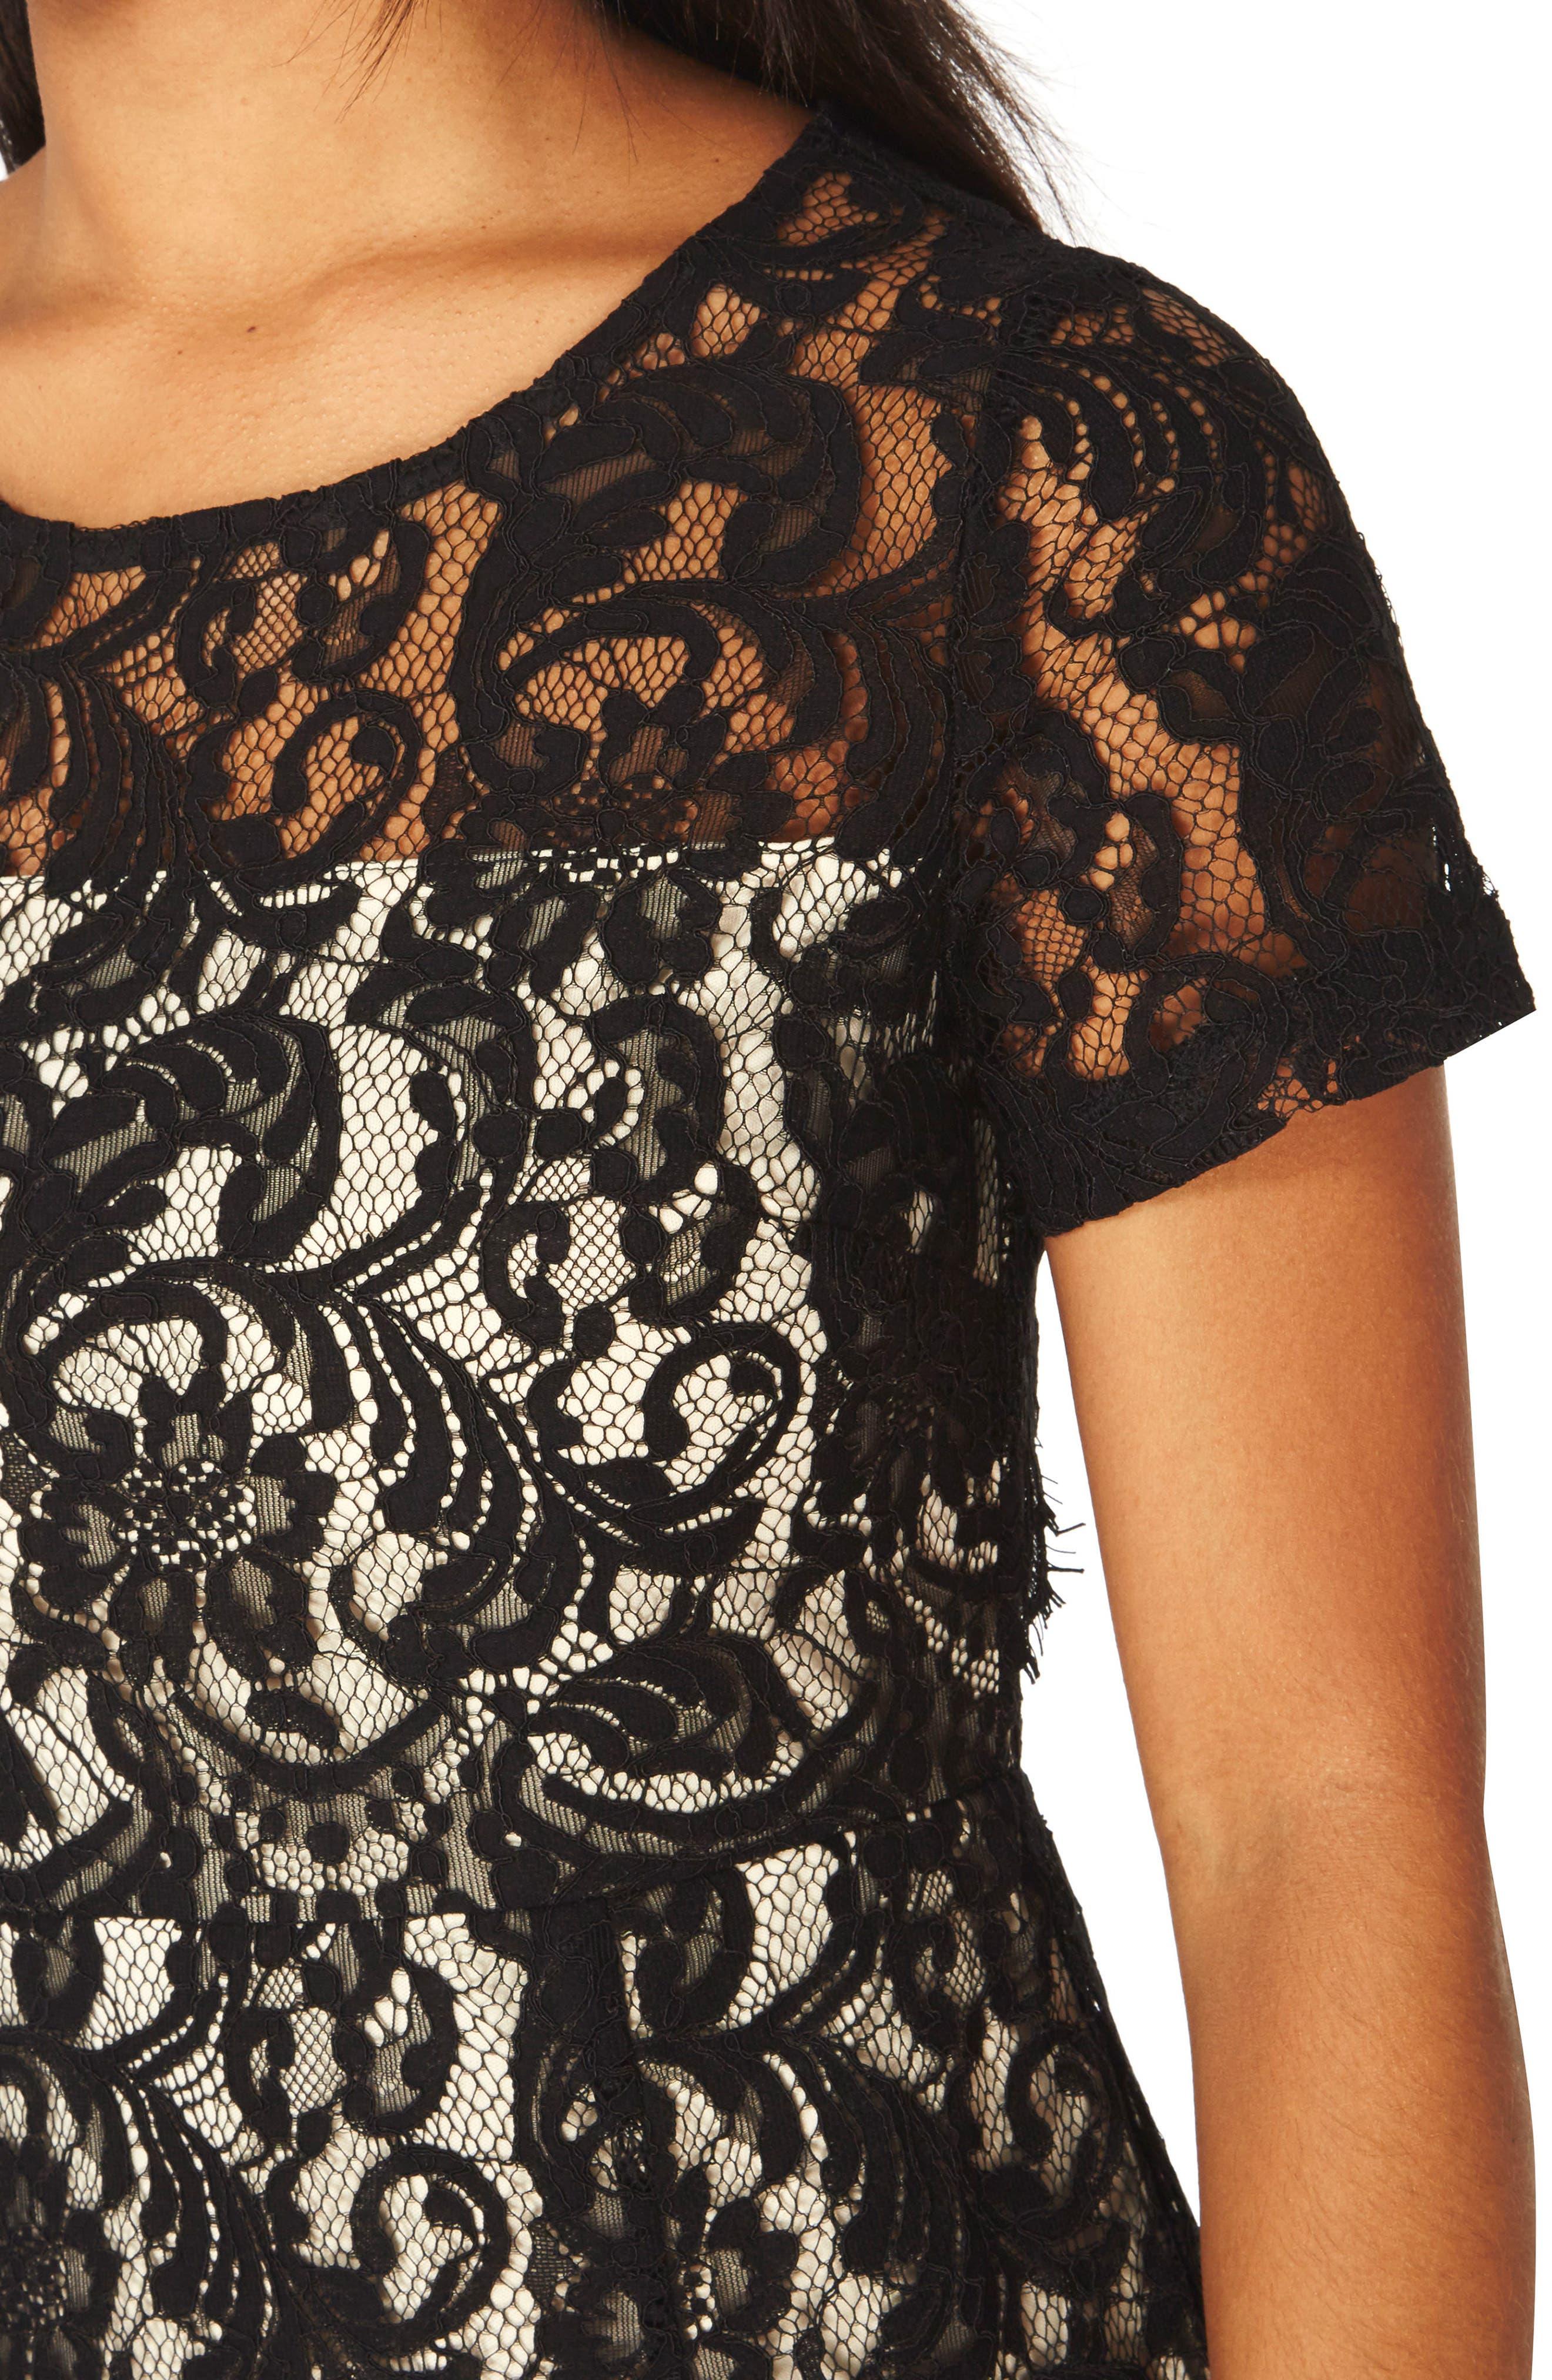 Lace Pencil Dress,                             Alternate thumbnail 4, color,                             001